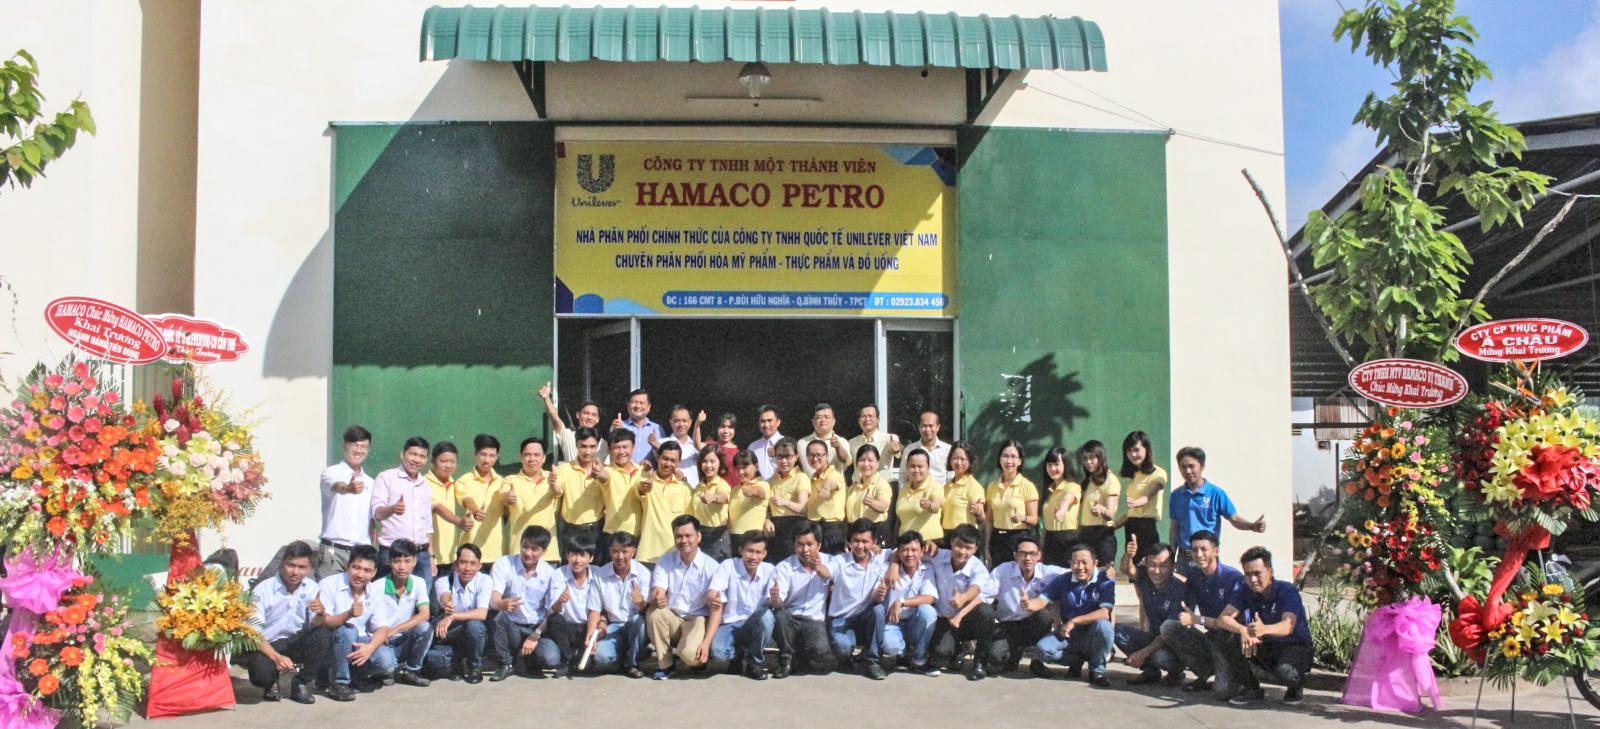 Hamaco Petro khai trương phân phối ngành hàng tiêu dùng tại TP Cần Thơ